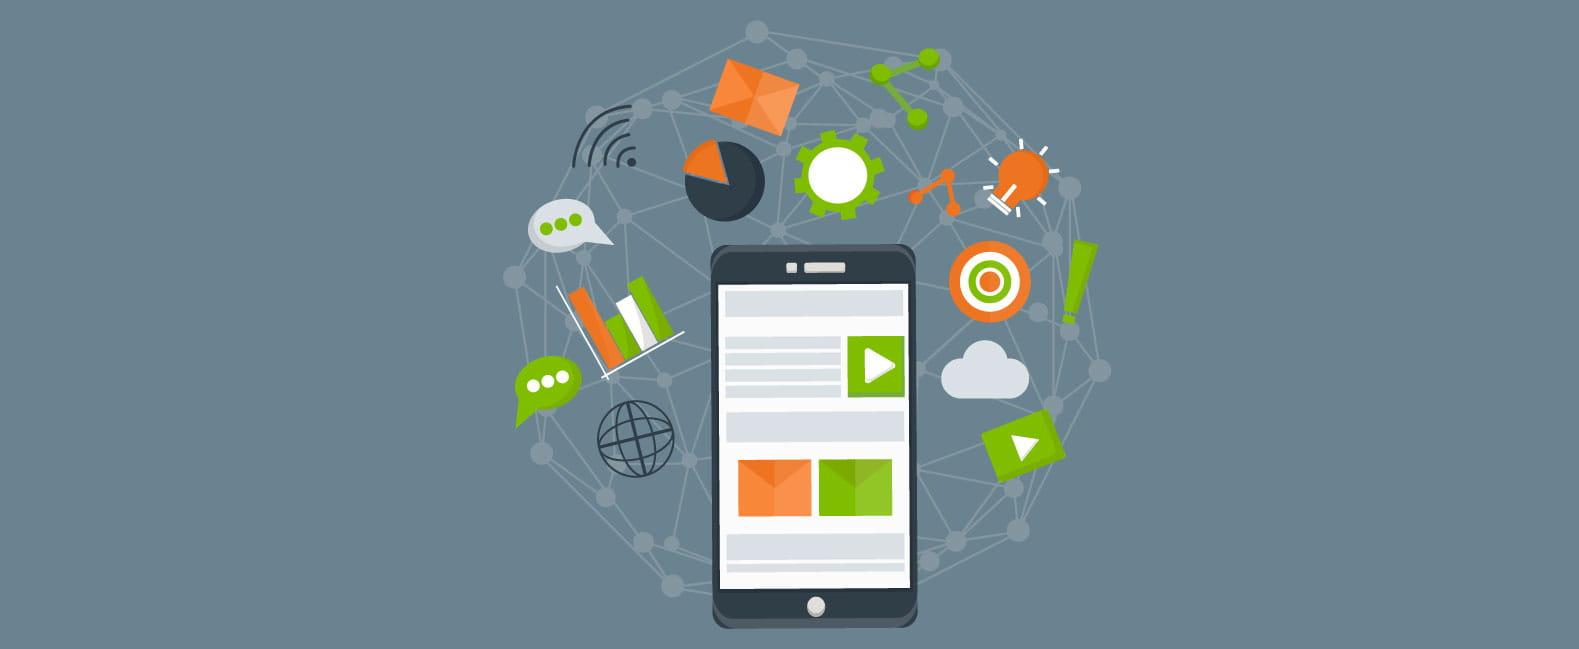 5 драйверов рынка мобильной рекламы или как изменится mobile в 2019 году